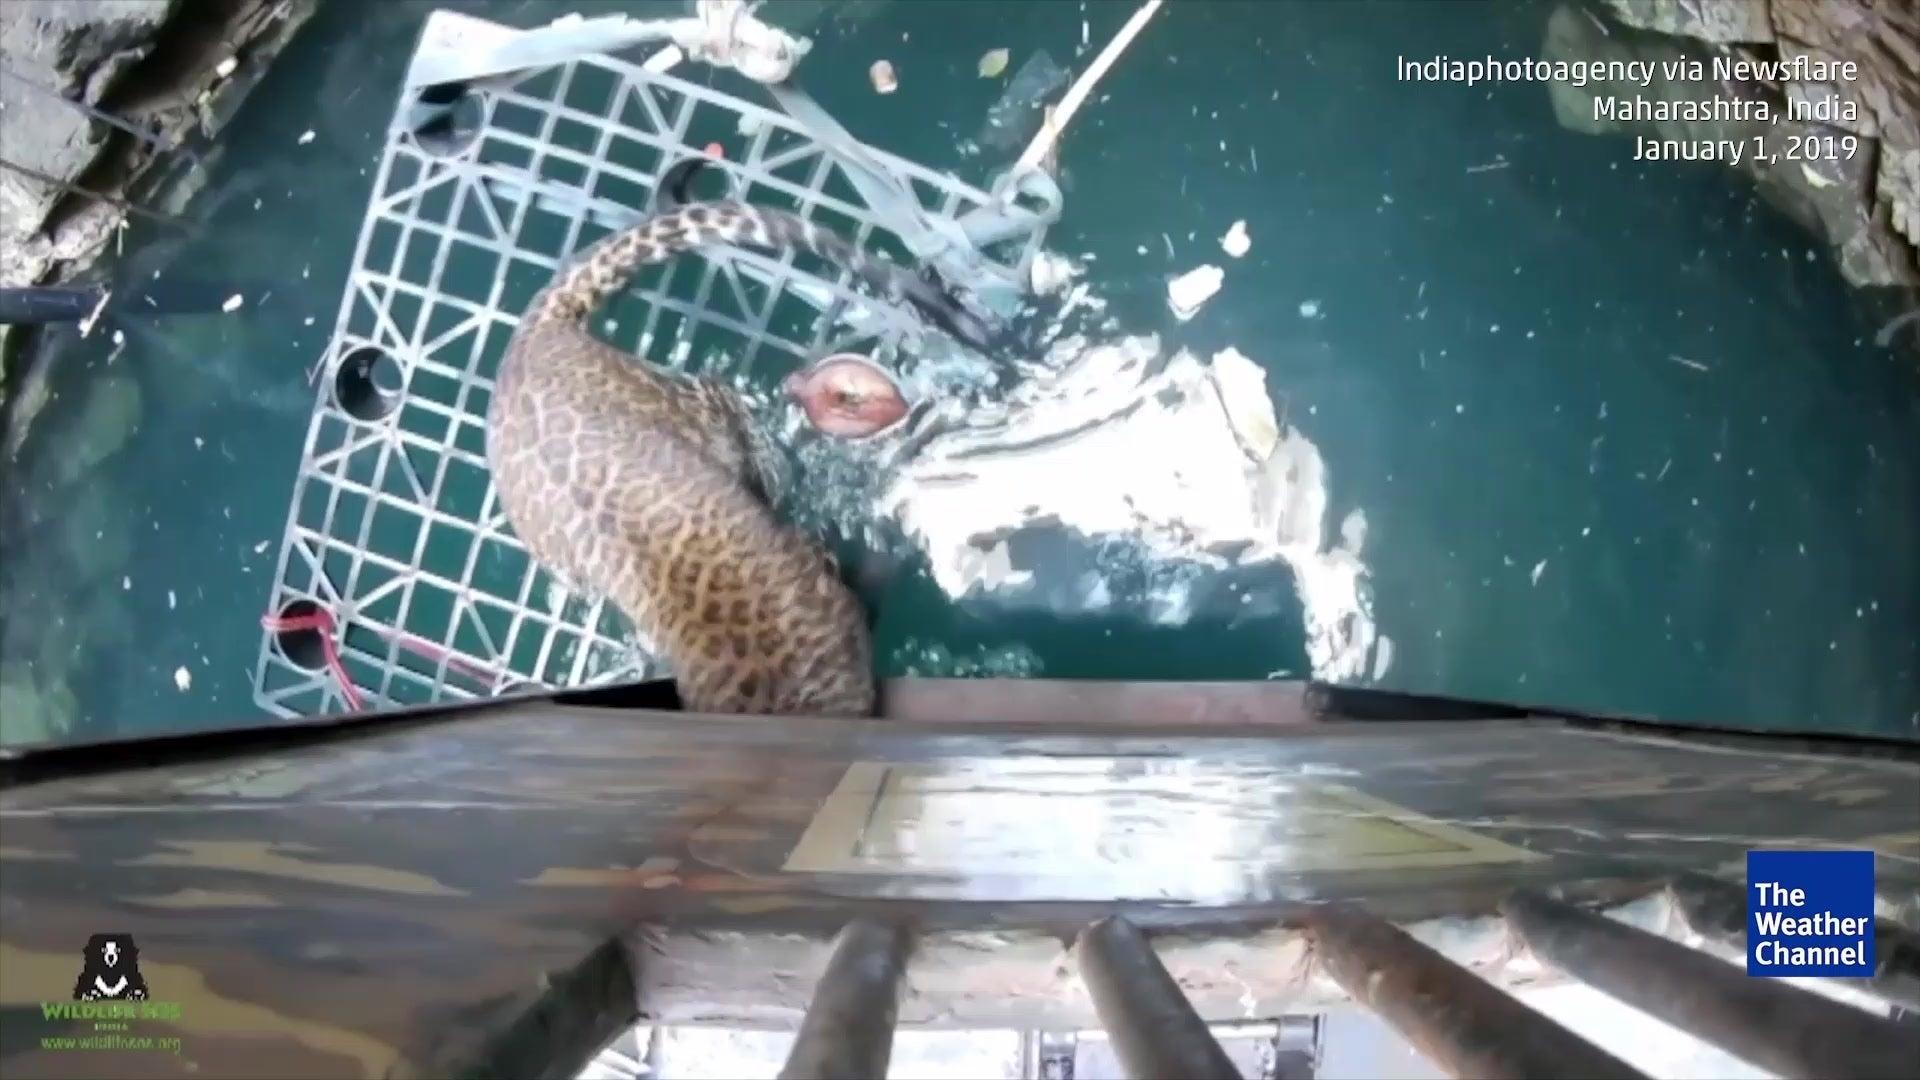 Indien: Leopard röhrt im Brunnen - Dorfbewohner tun genau das Richtige